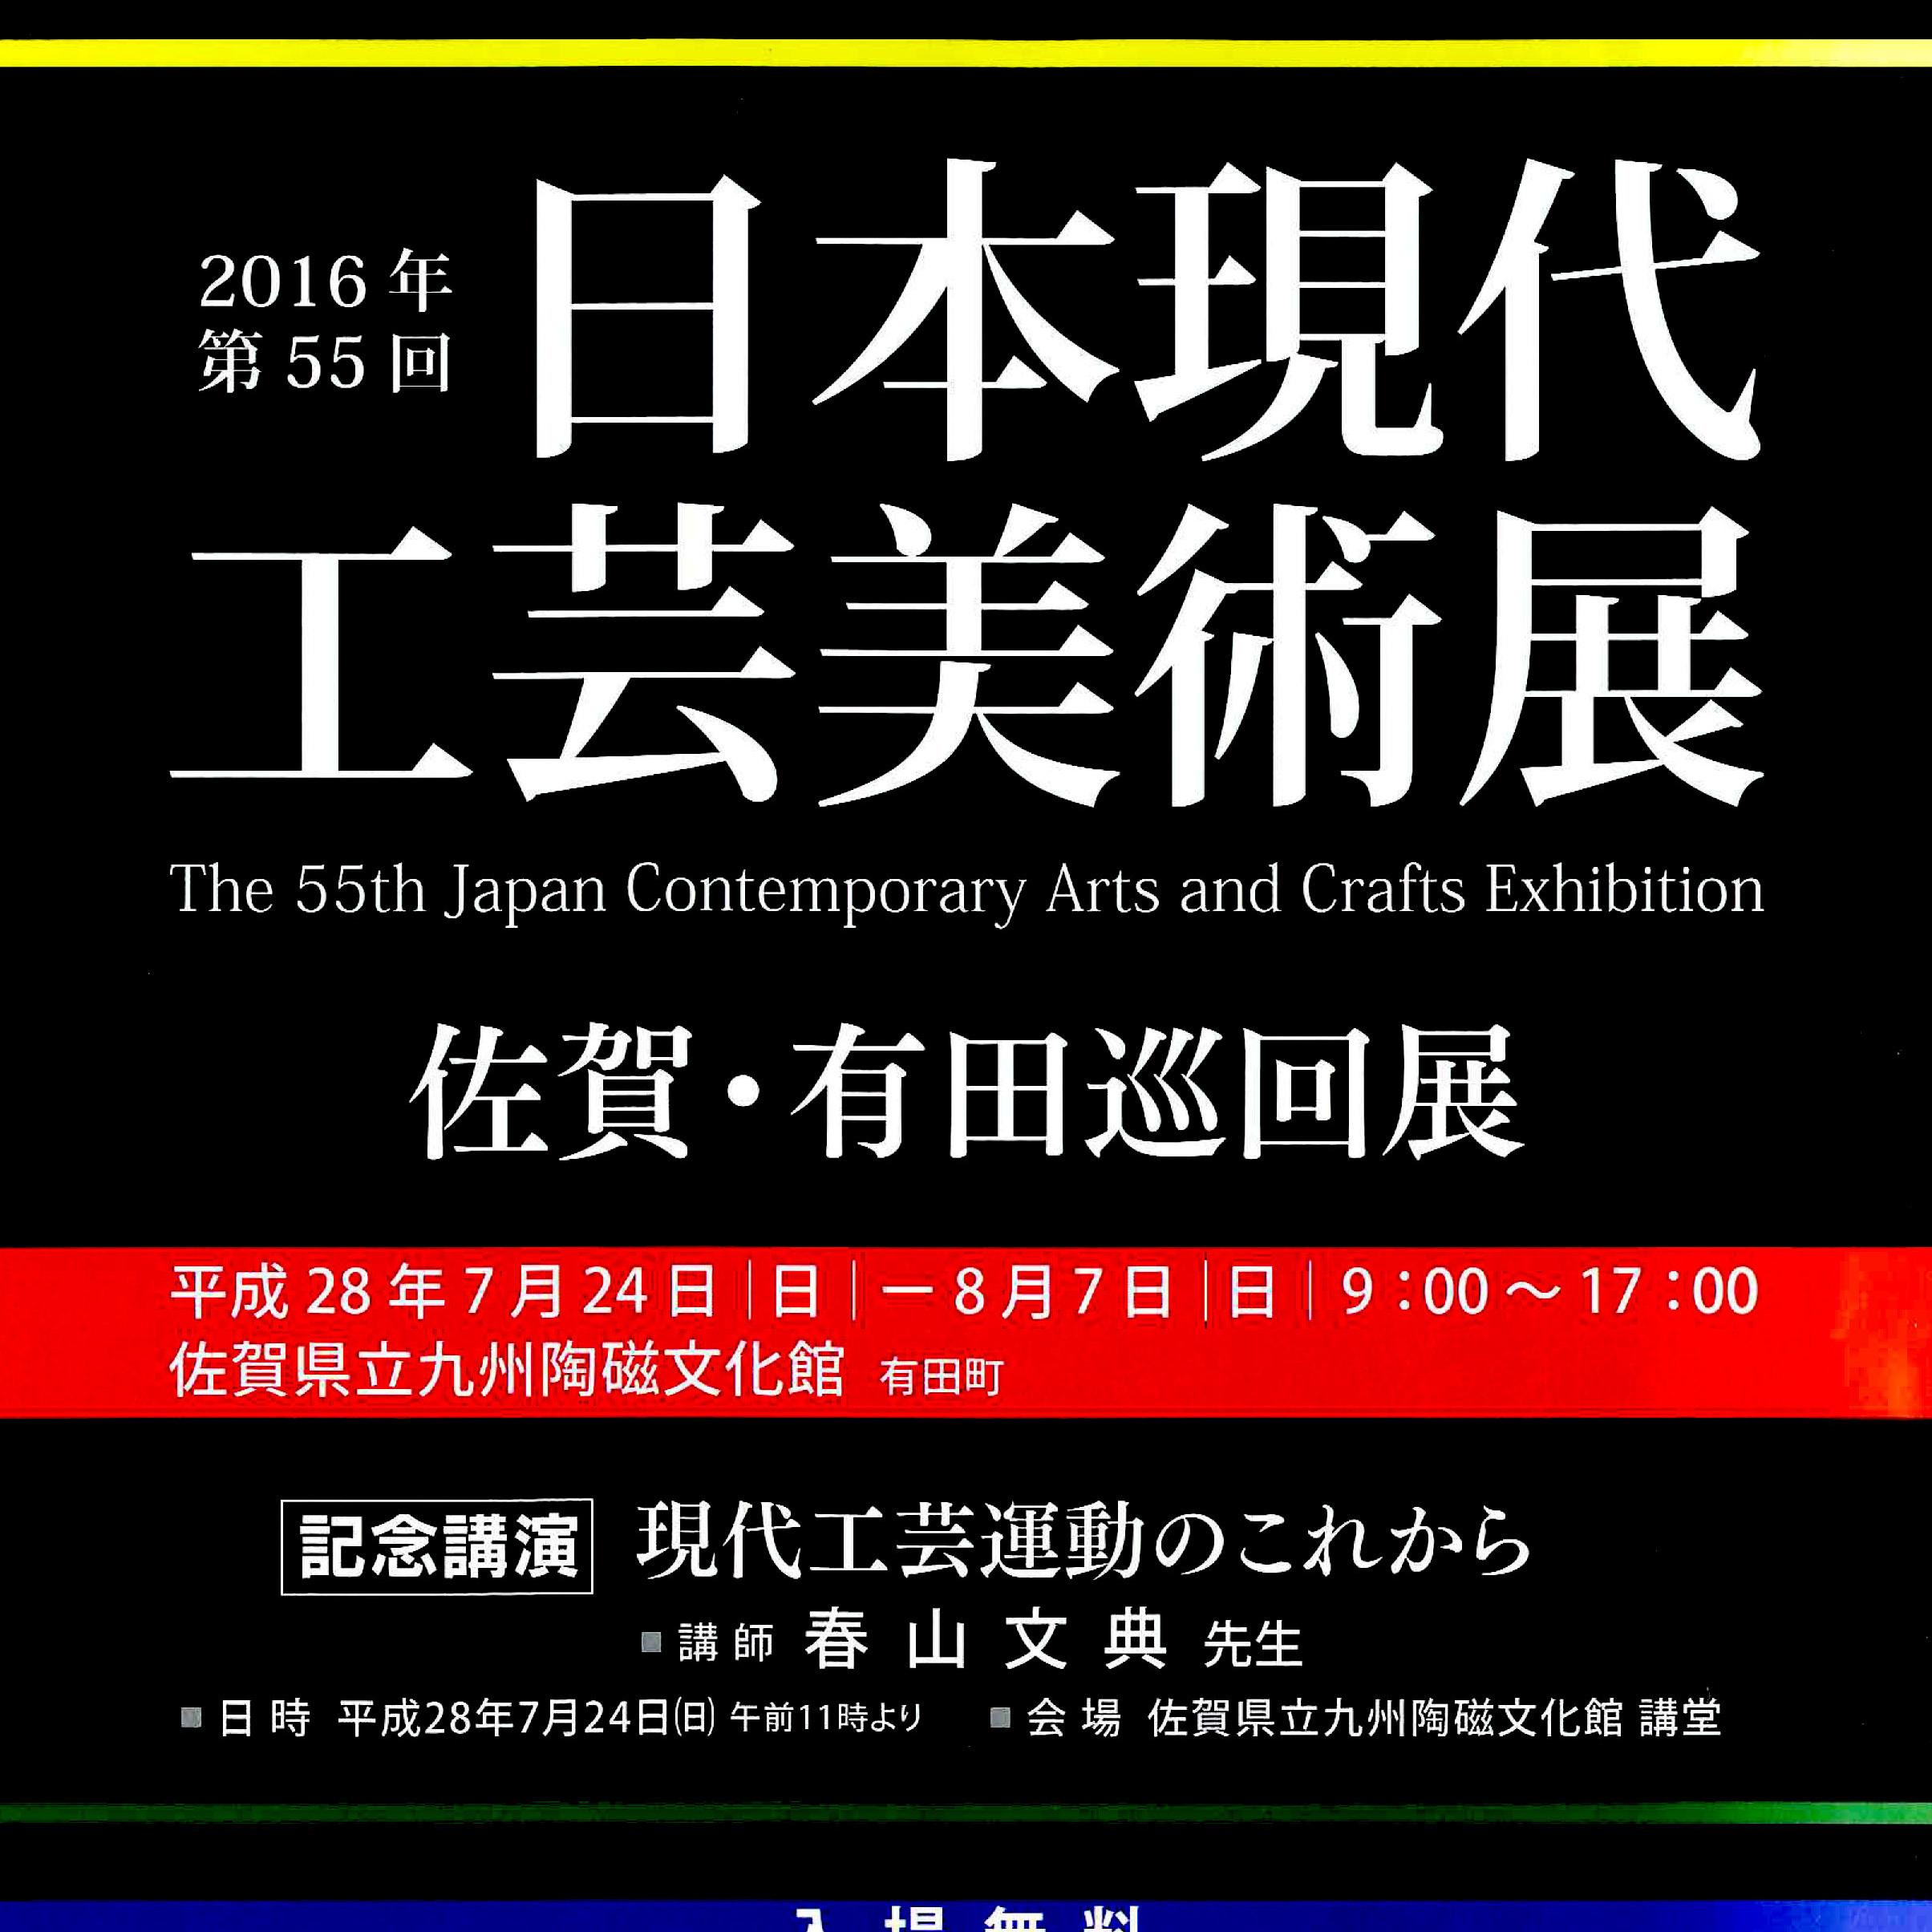 春山文典氏の記念講演会が開催されます